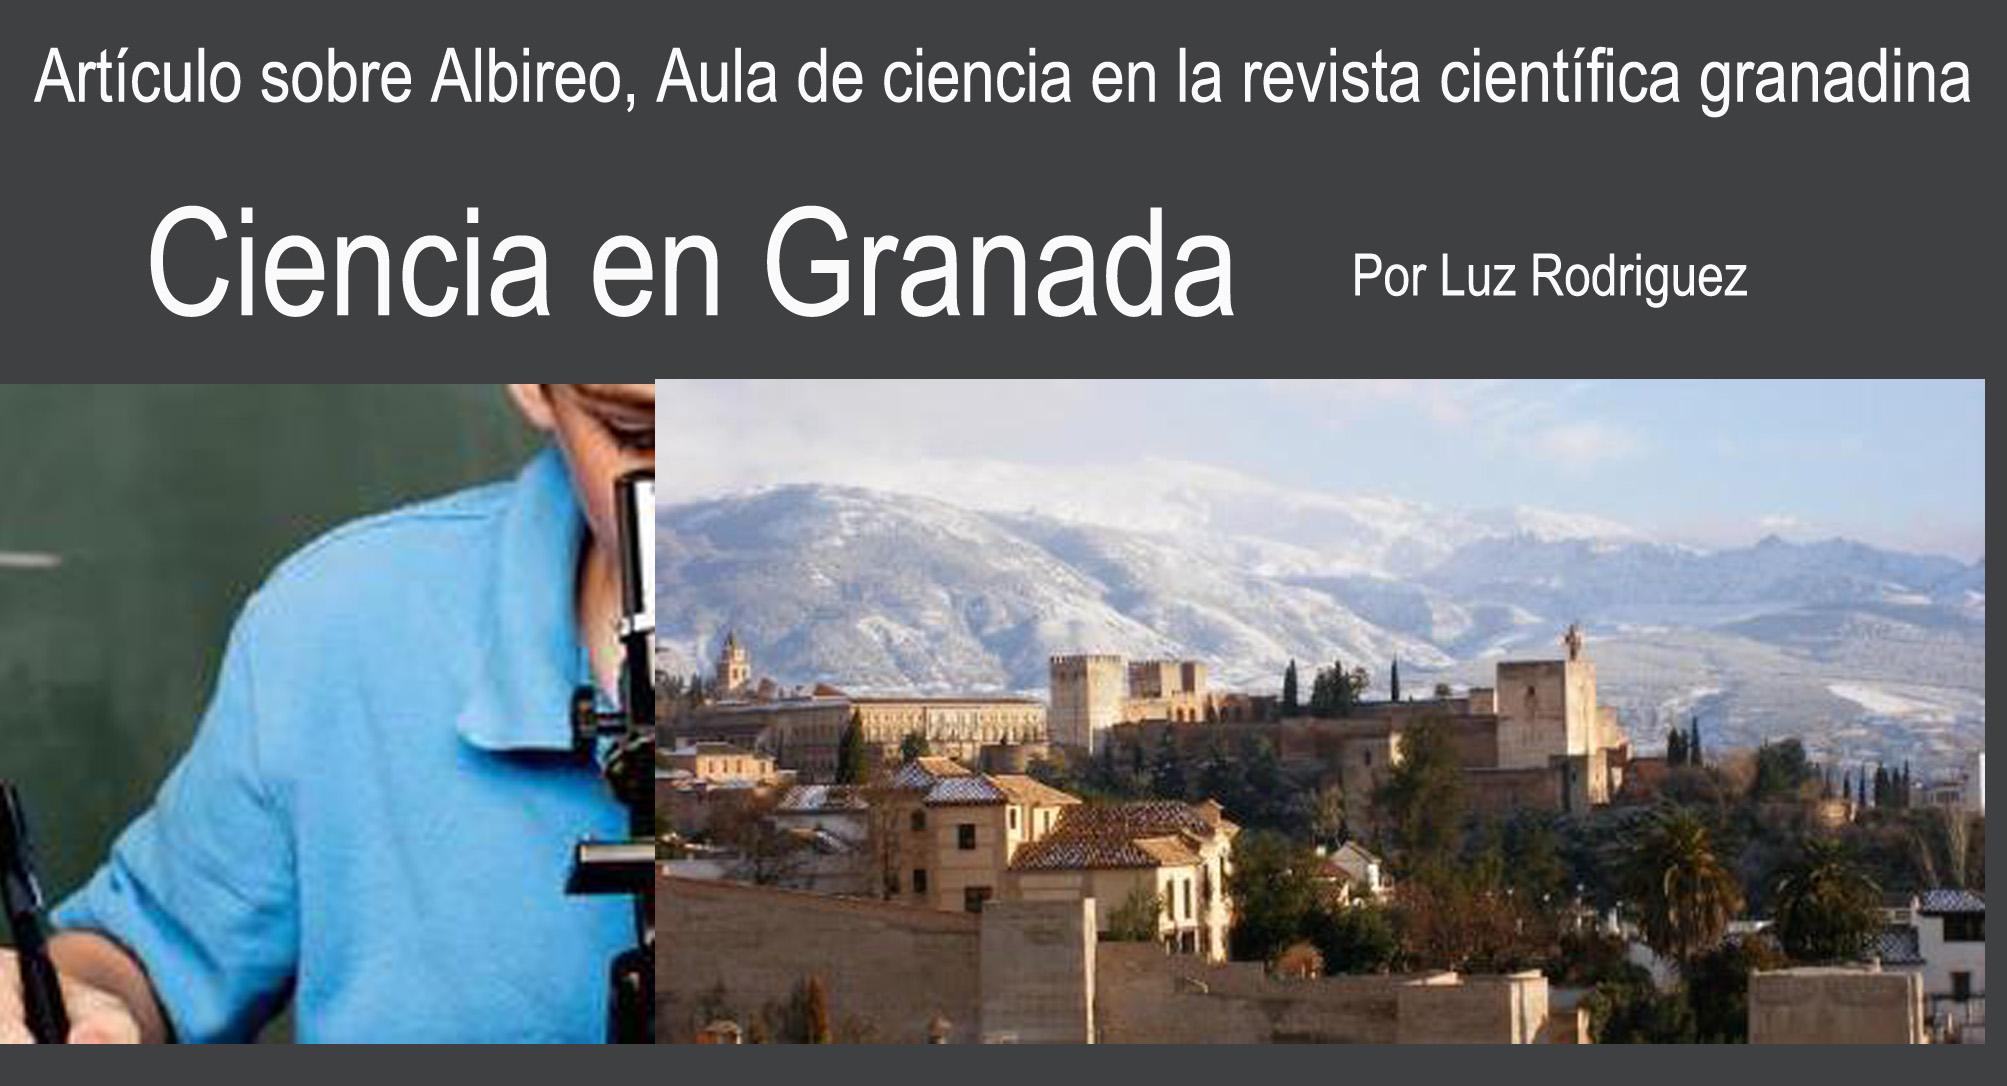 Ciencia en Granada